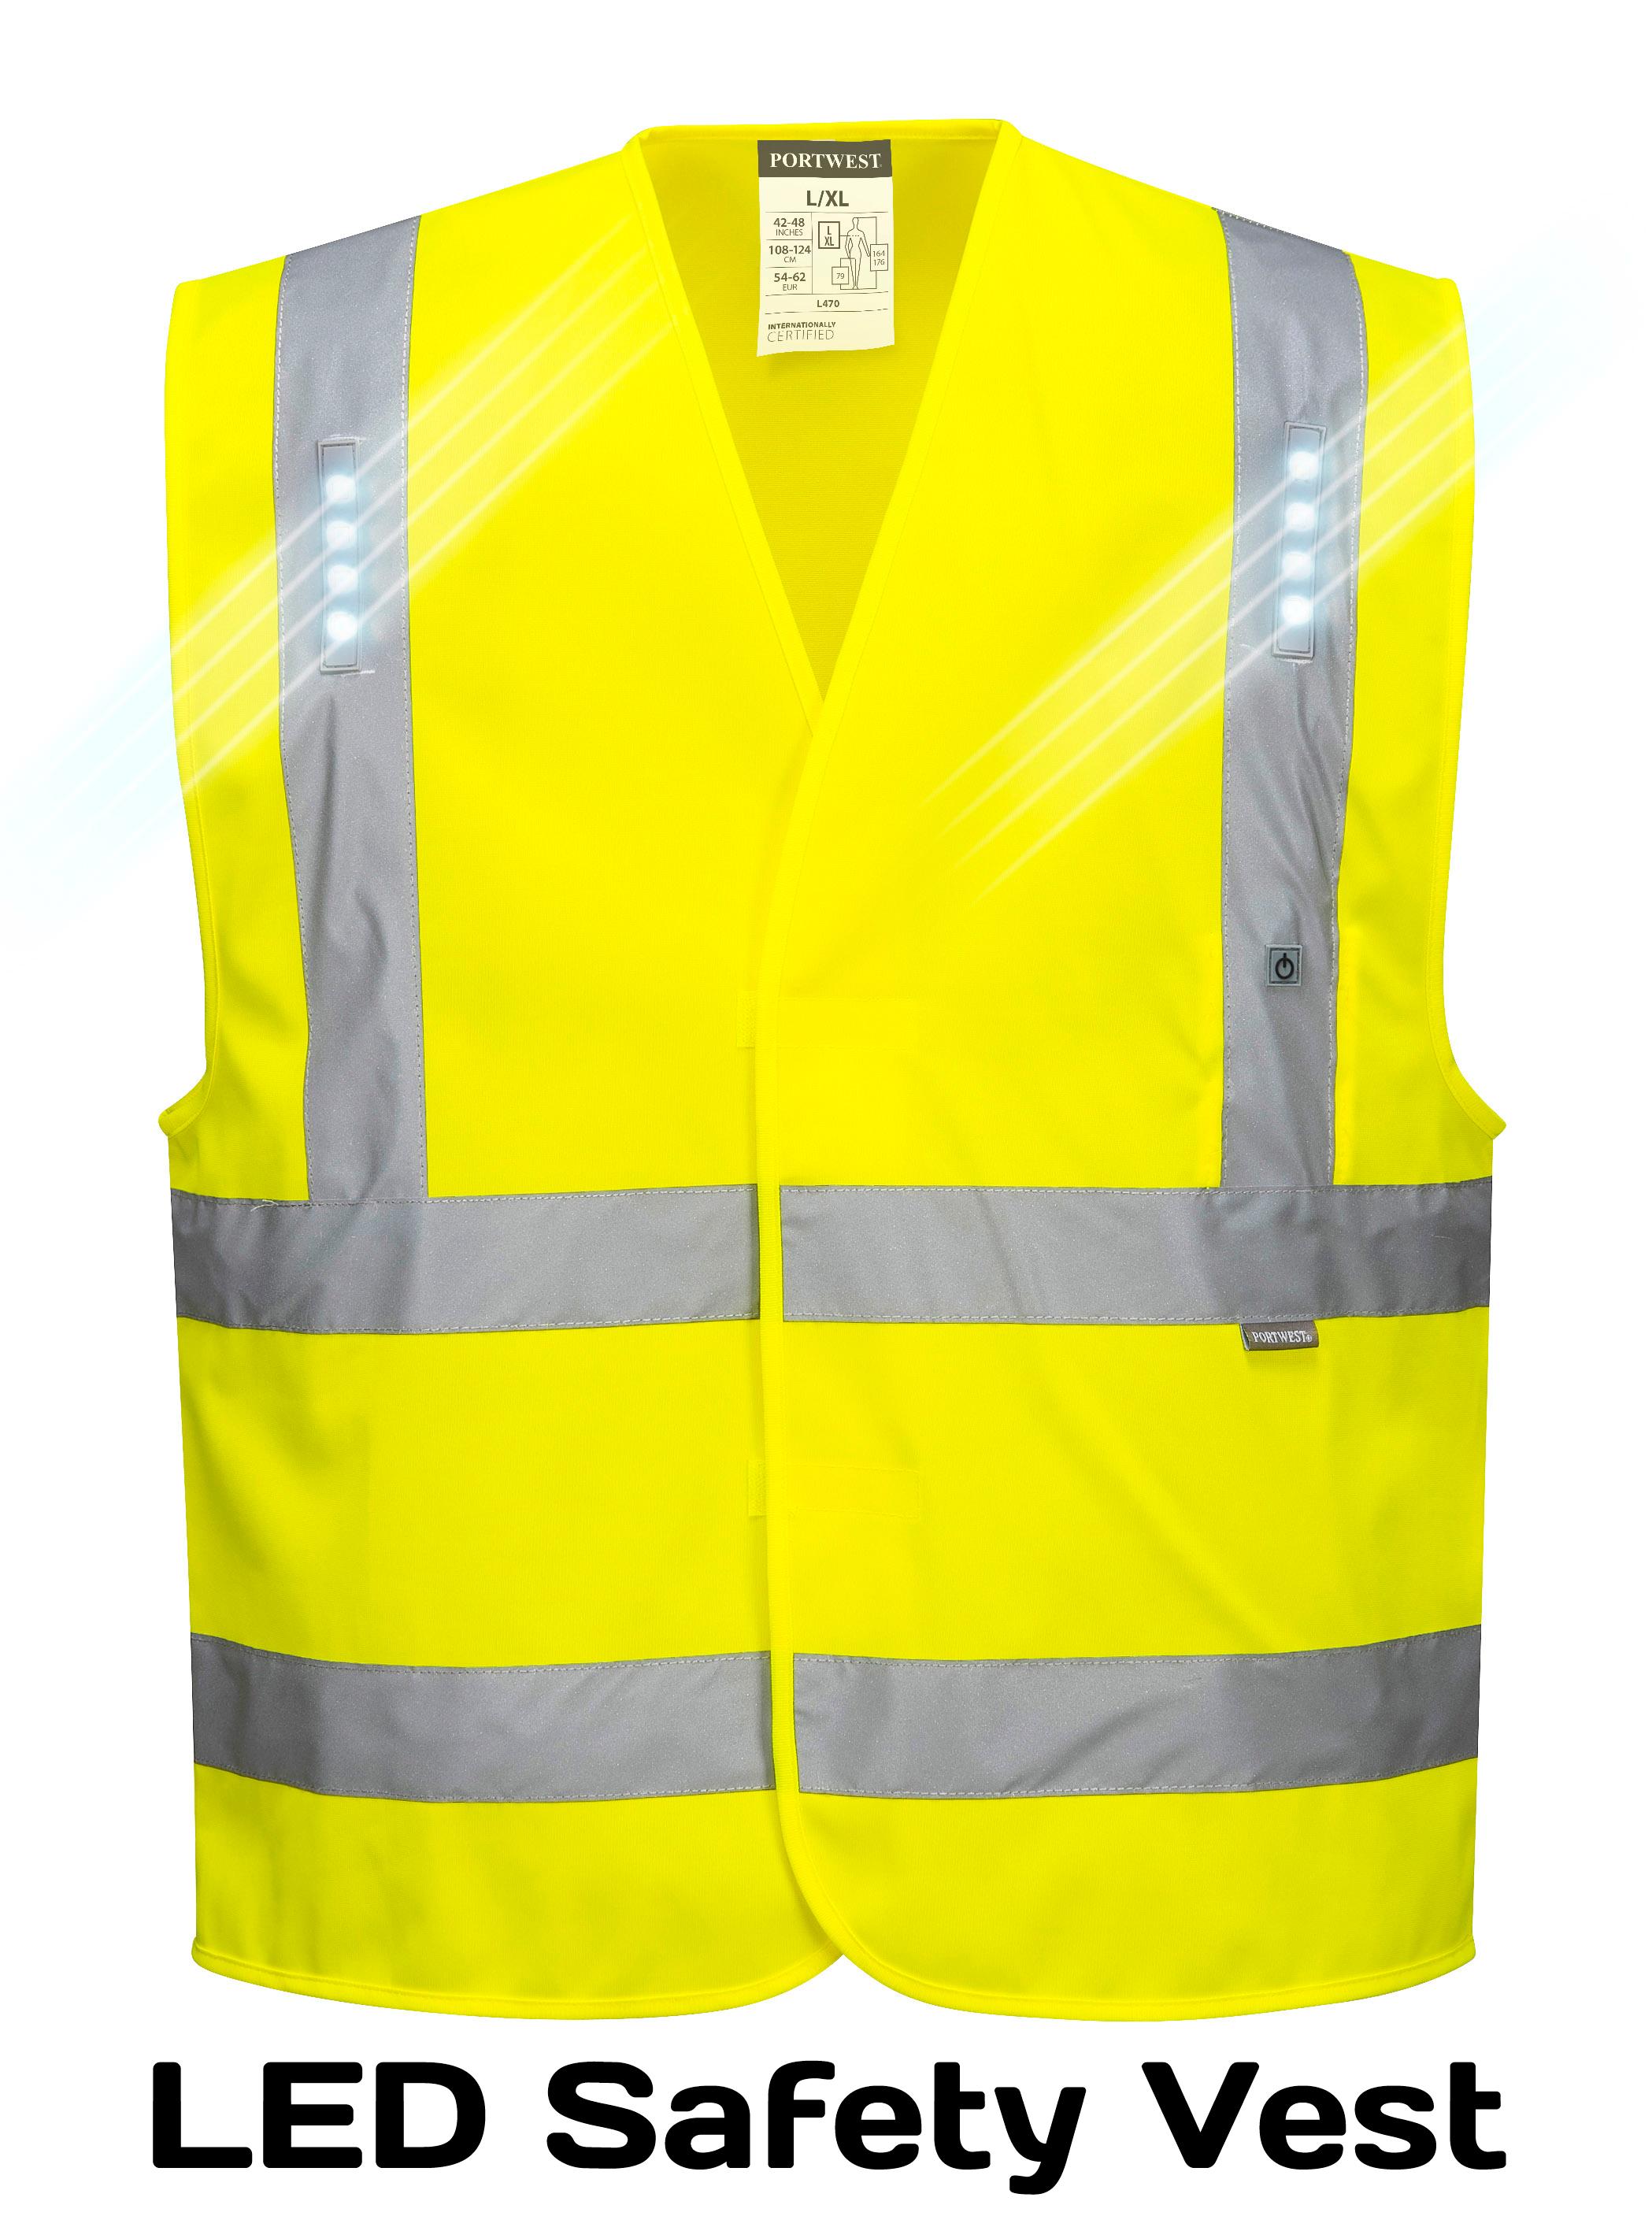 Light Up Led High Visibility Safety Vest Portwest L470